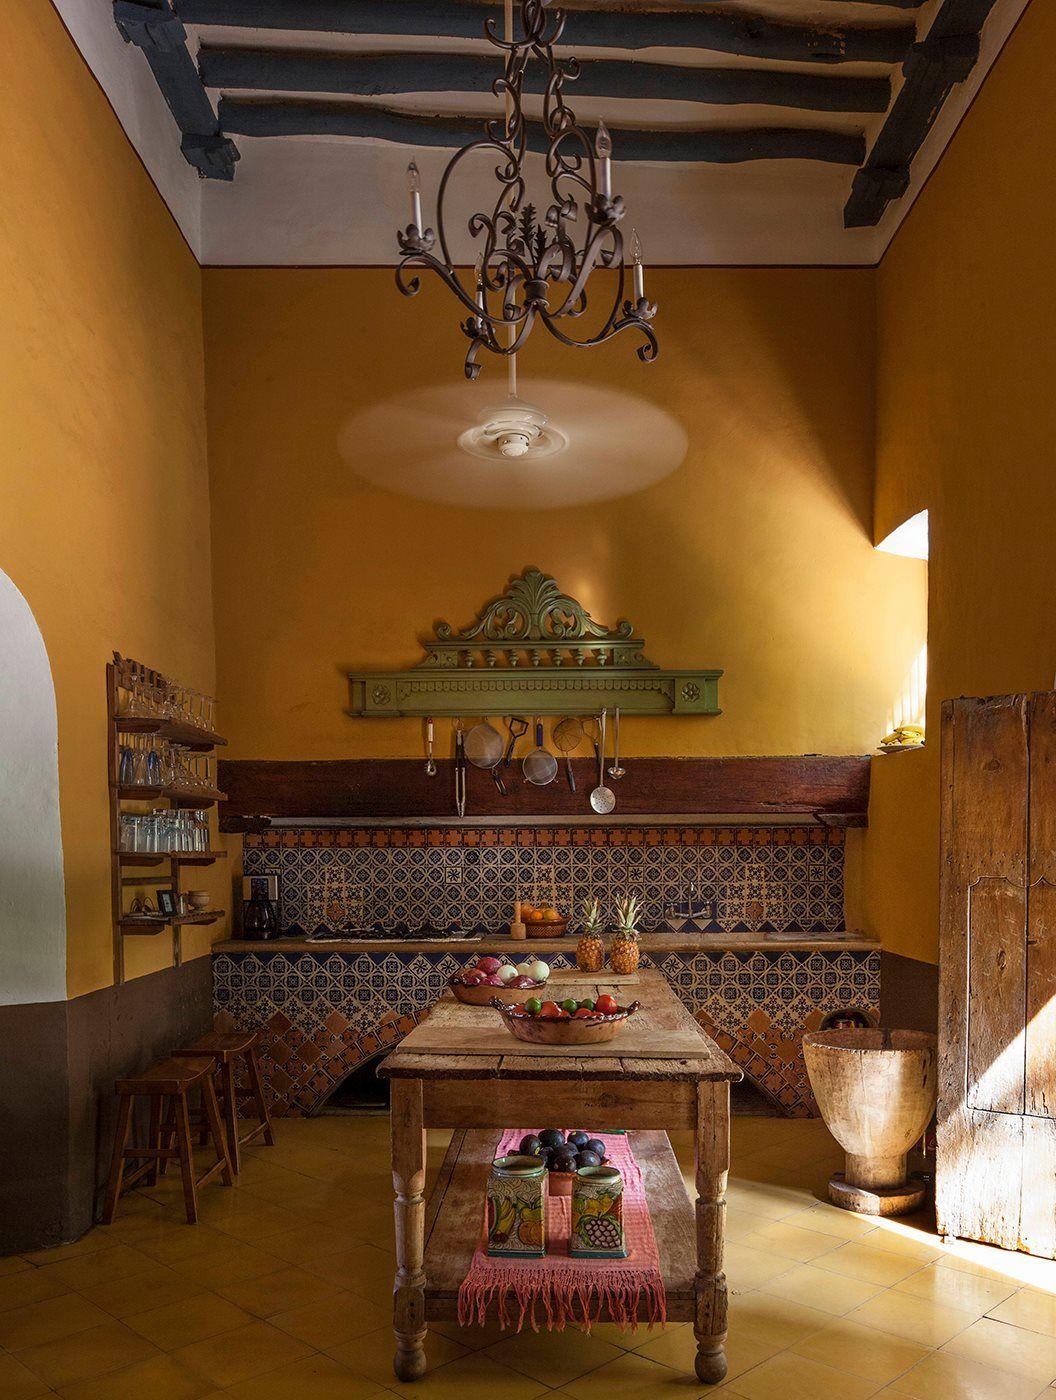 Cocina Tradicional En Hacienda Yucateca Muebles Rusticos De  # Muebles Mexicanos Rusticos